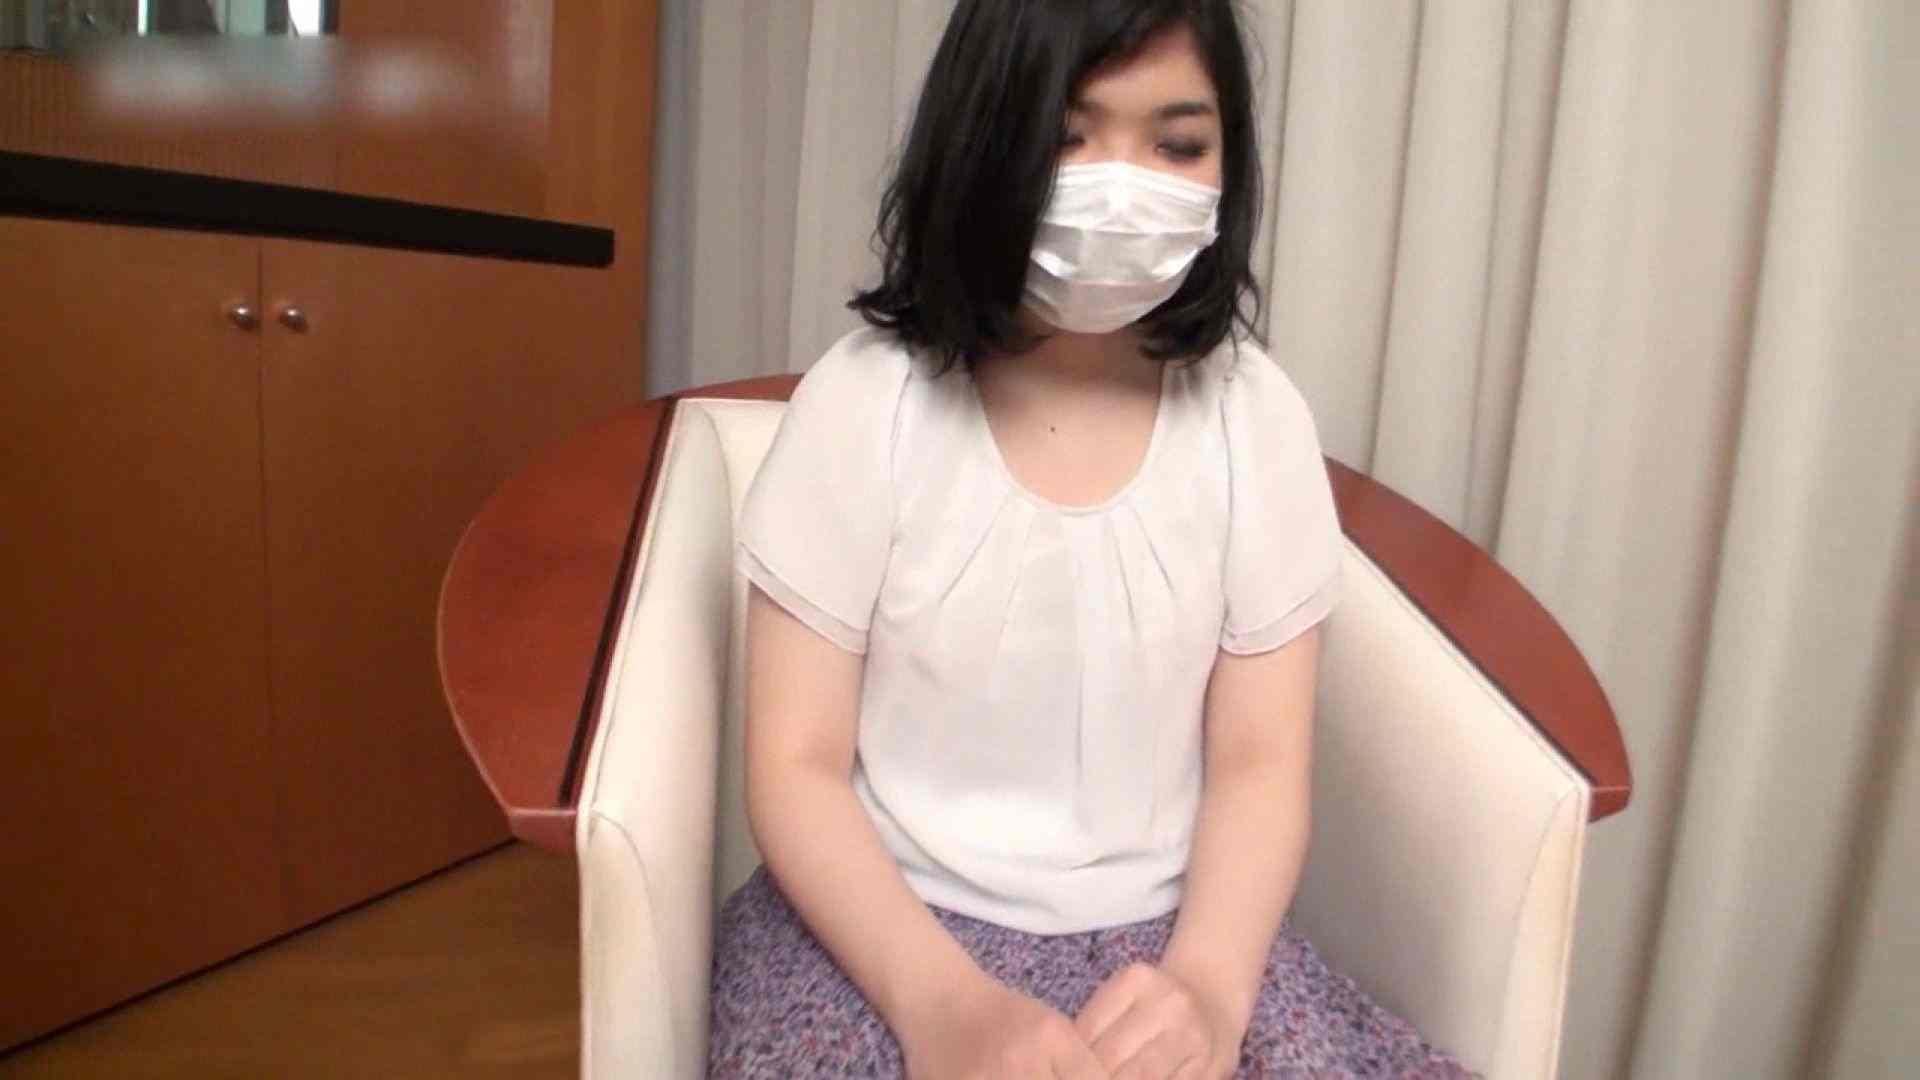 ビッチガールの反逆 Vol.15 前編 シャワー ワレメ無修正動画無料 83pic 35